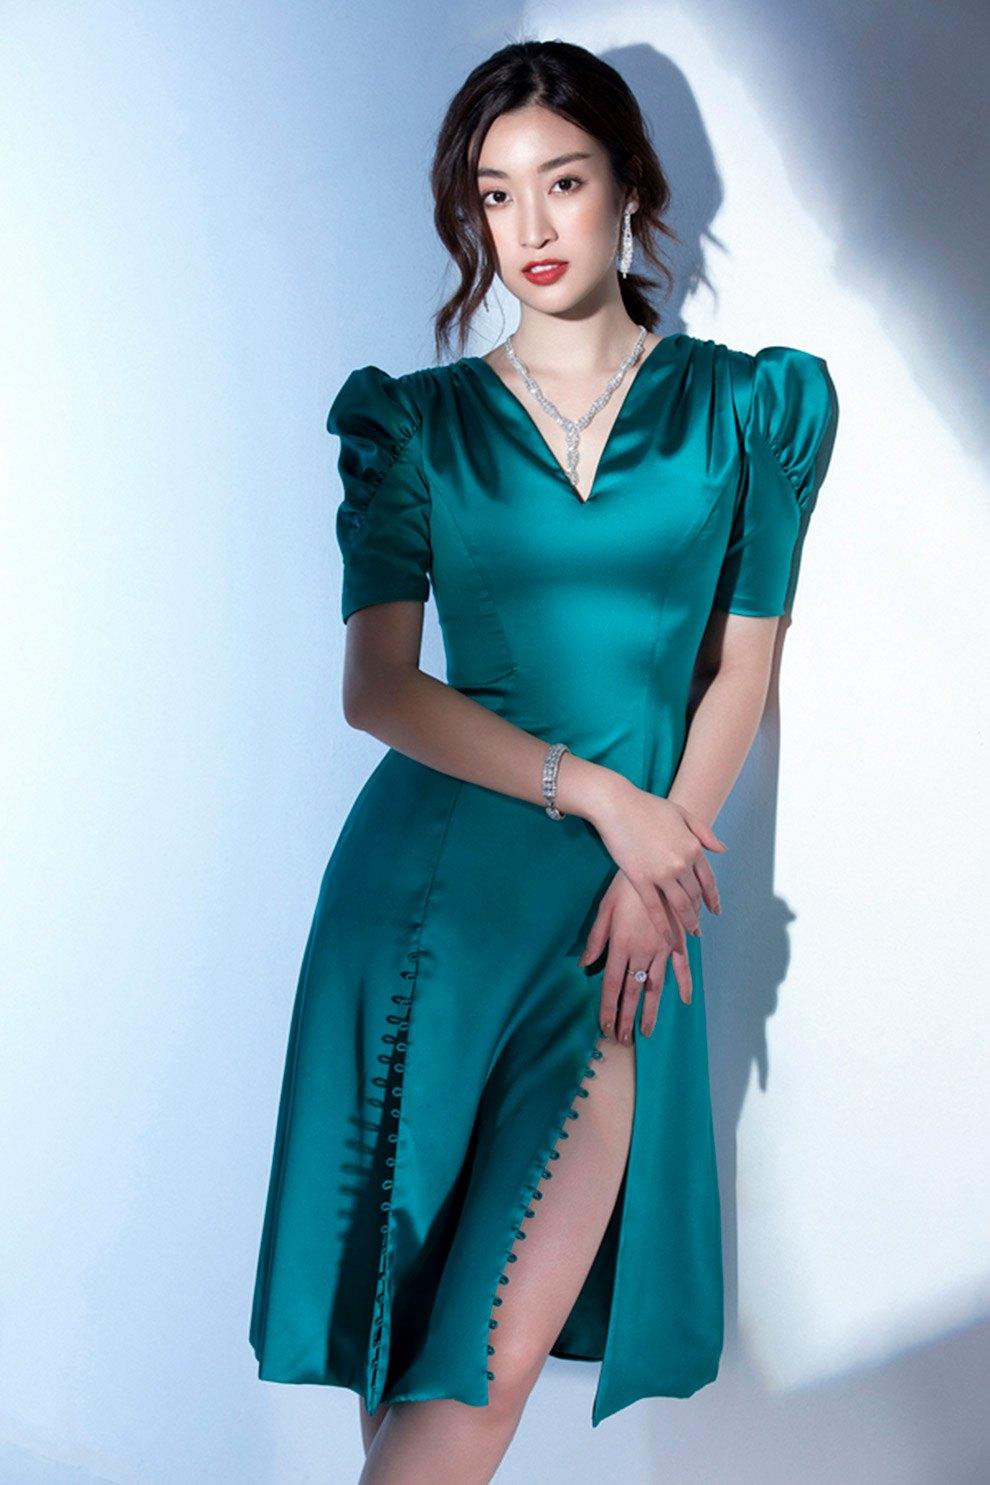 Tận dụng tủ đồ Hè, váy lụa mỏng manh được mỹ nhân Vbiz biến tấu cho ngày se lạnh - 20